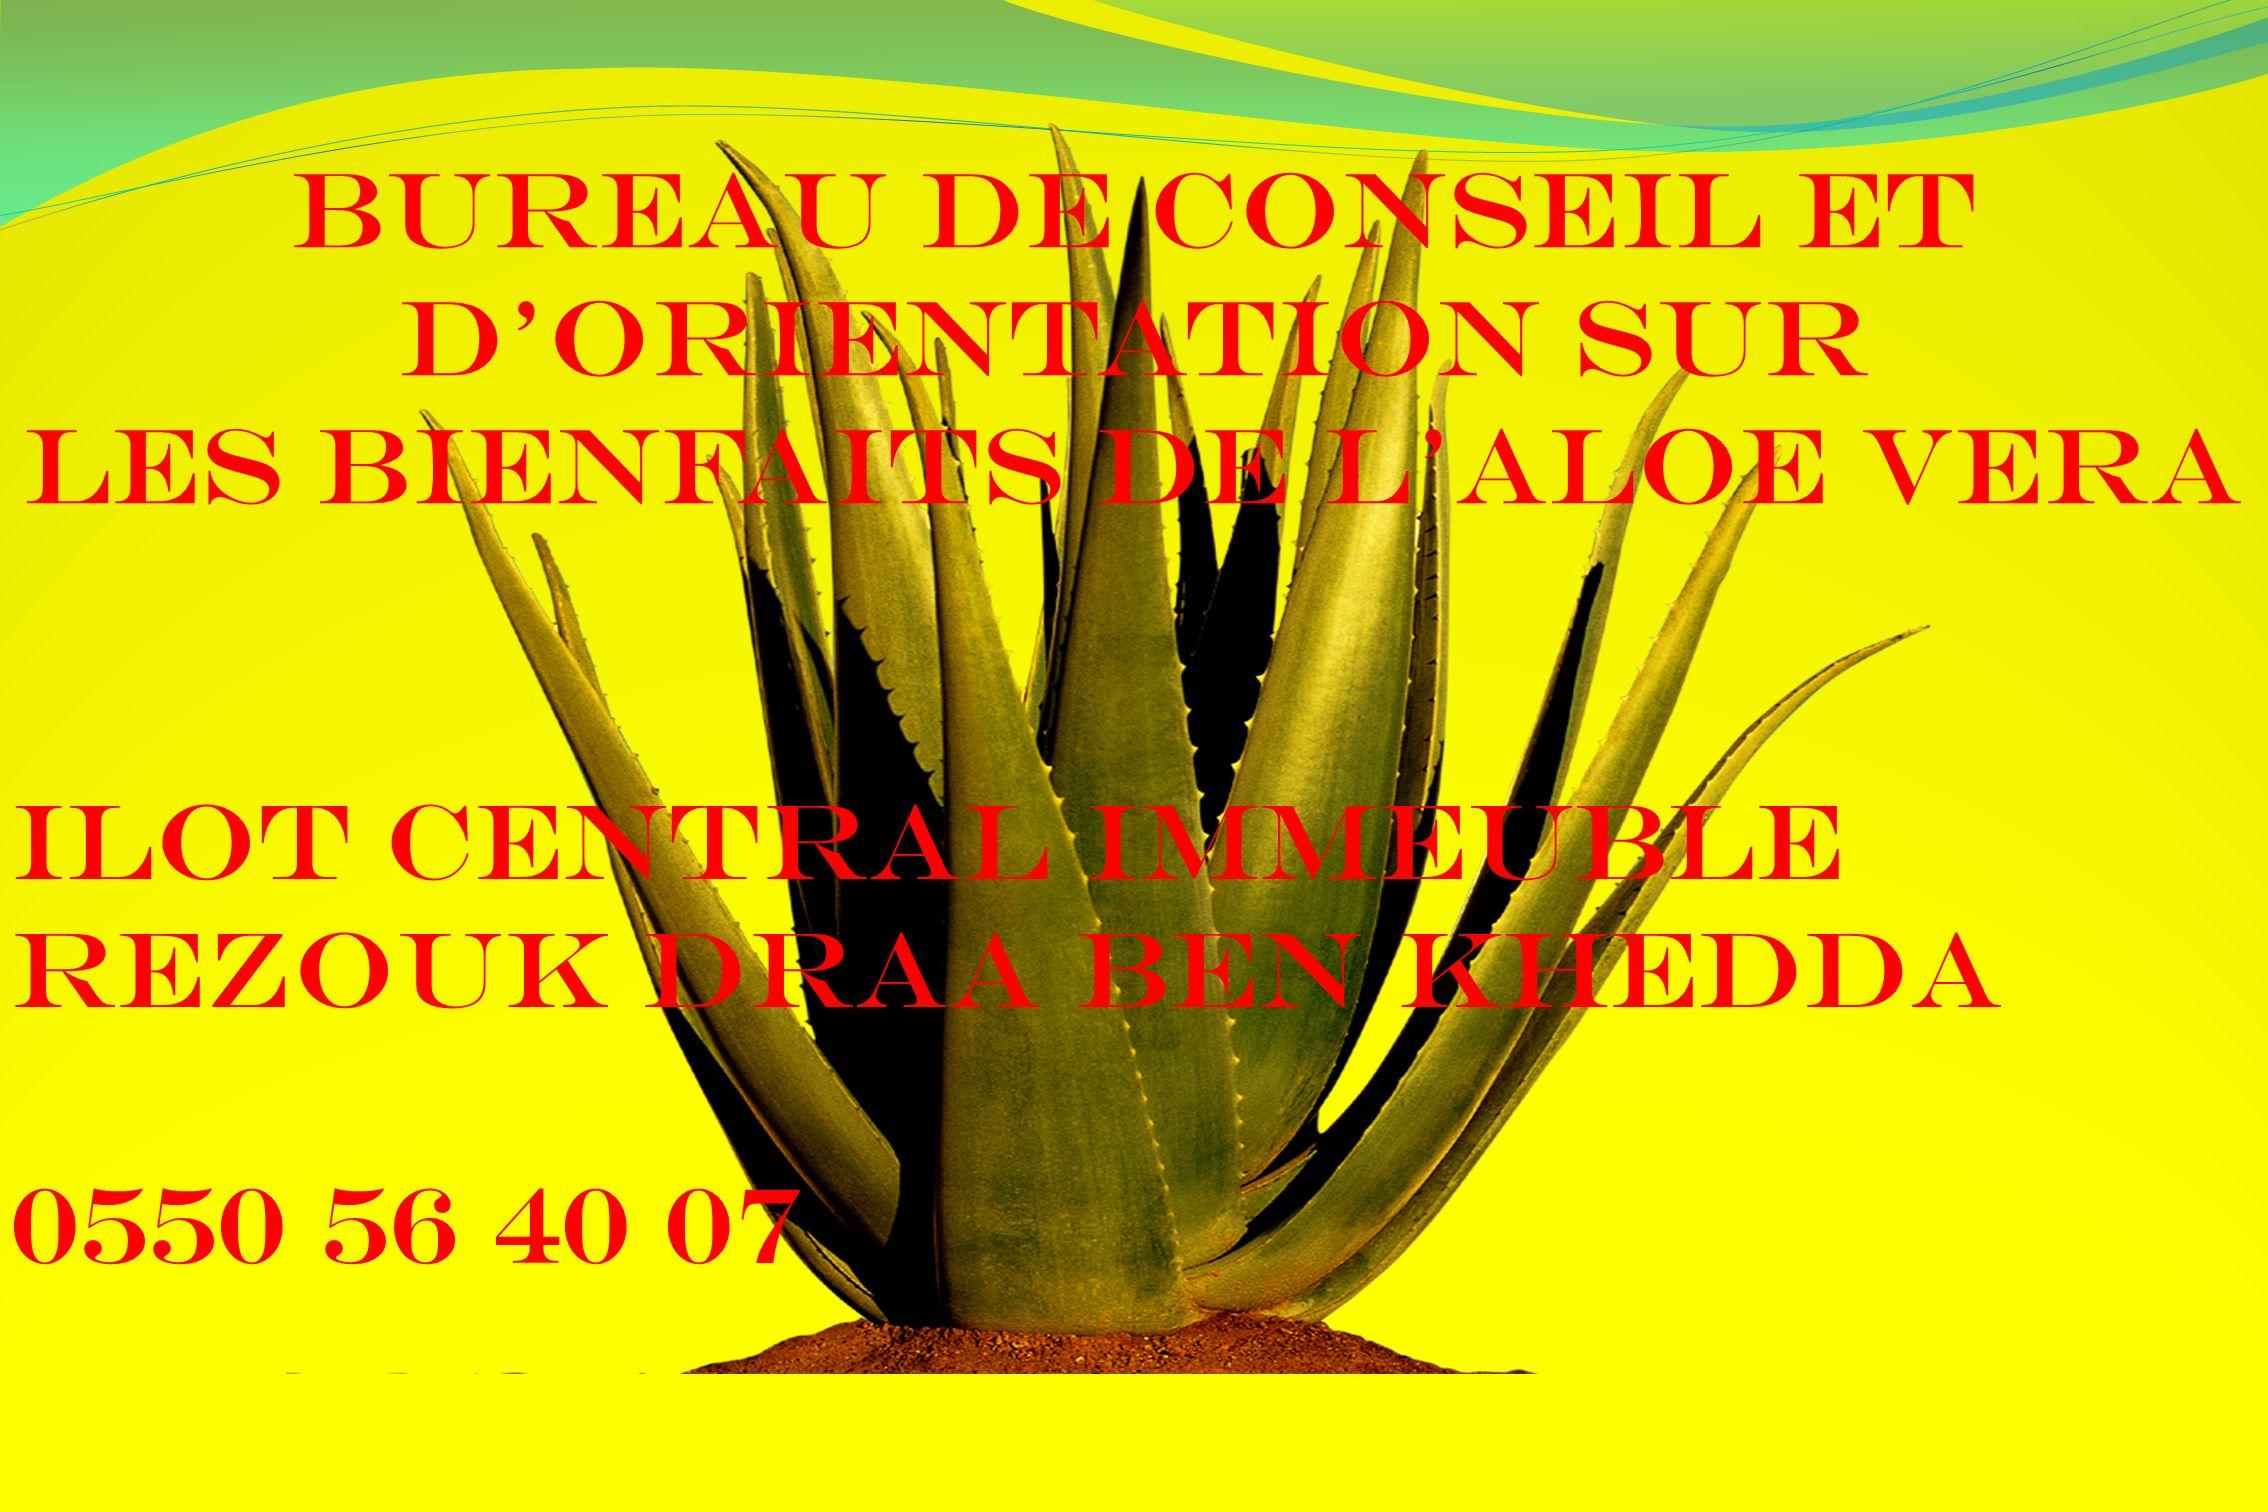 Bureau de conseil et dorientation sur les bienfaits de LALOE VERA Ilot central immeuble rezouk draa ben khedda 0550 56 40 07